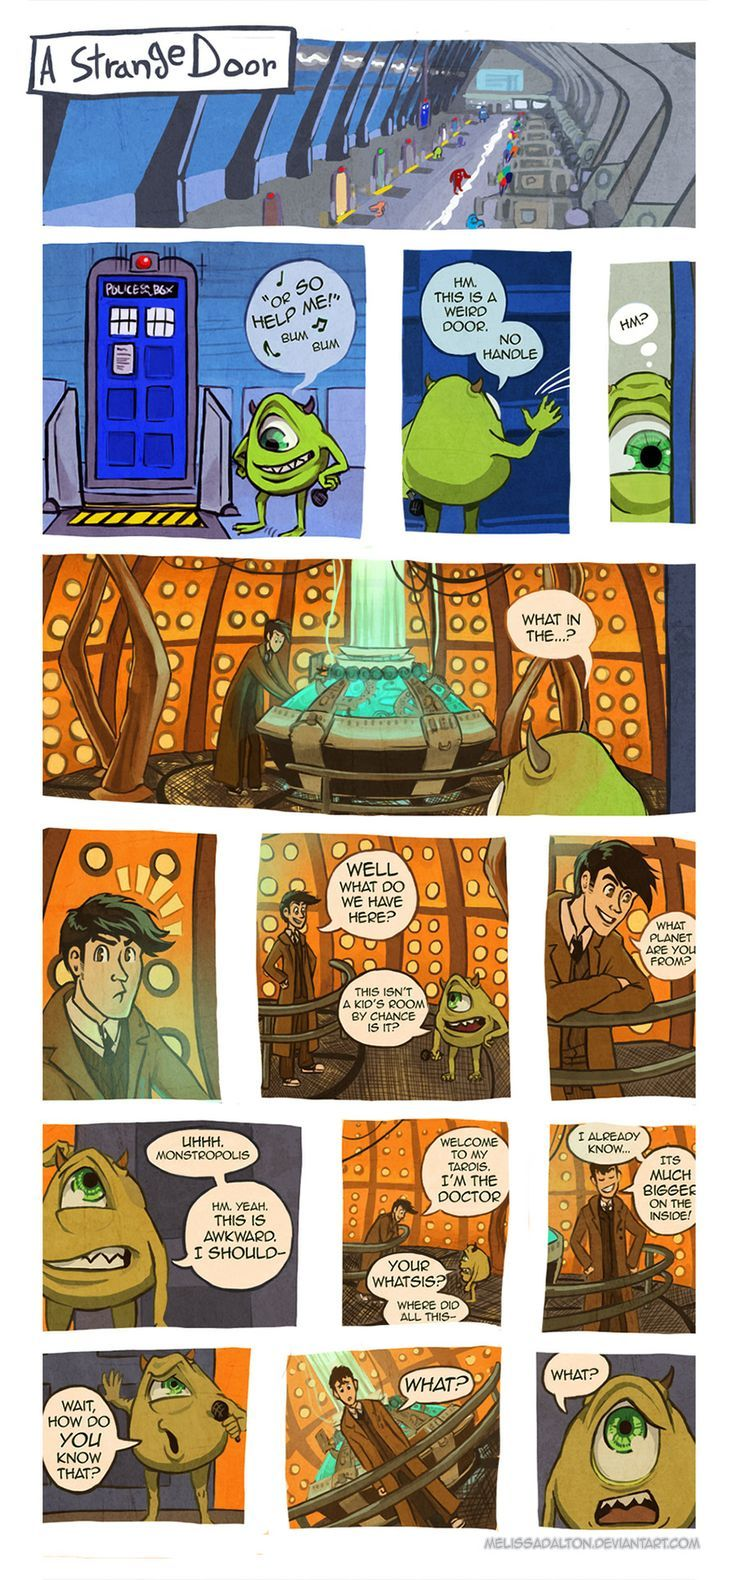 A Strange Door - When Doctor Who & Monster Inc. Collide